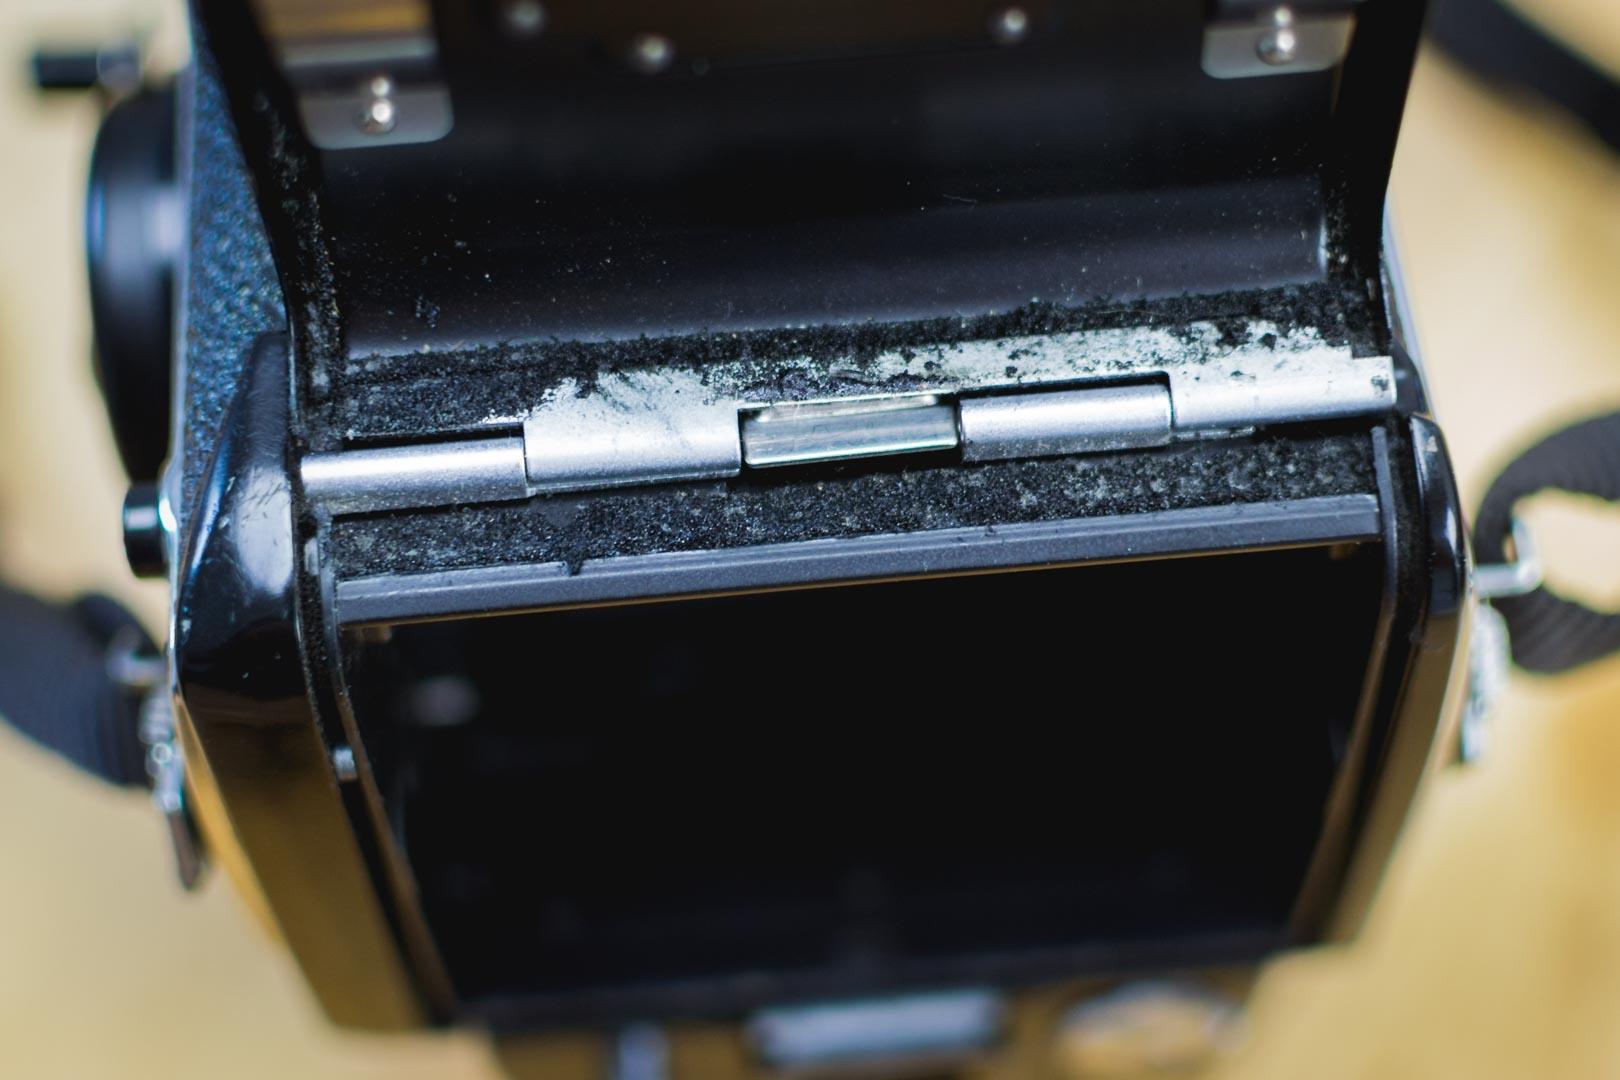 L'état général des mousses de l'appareil avant toute opération